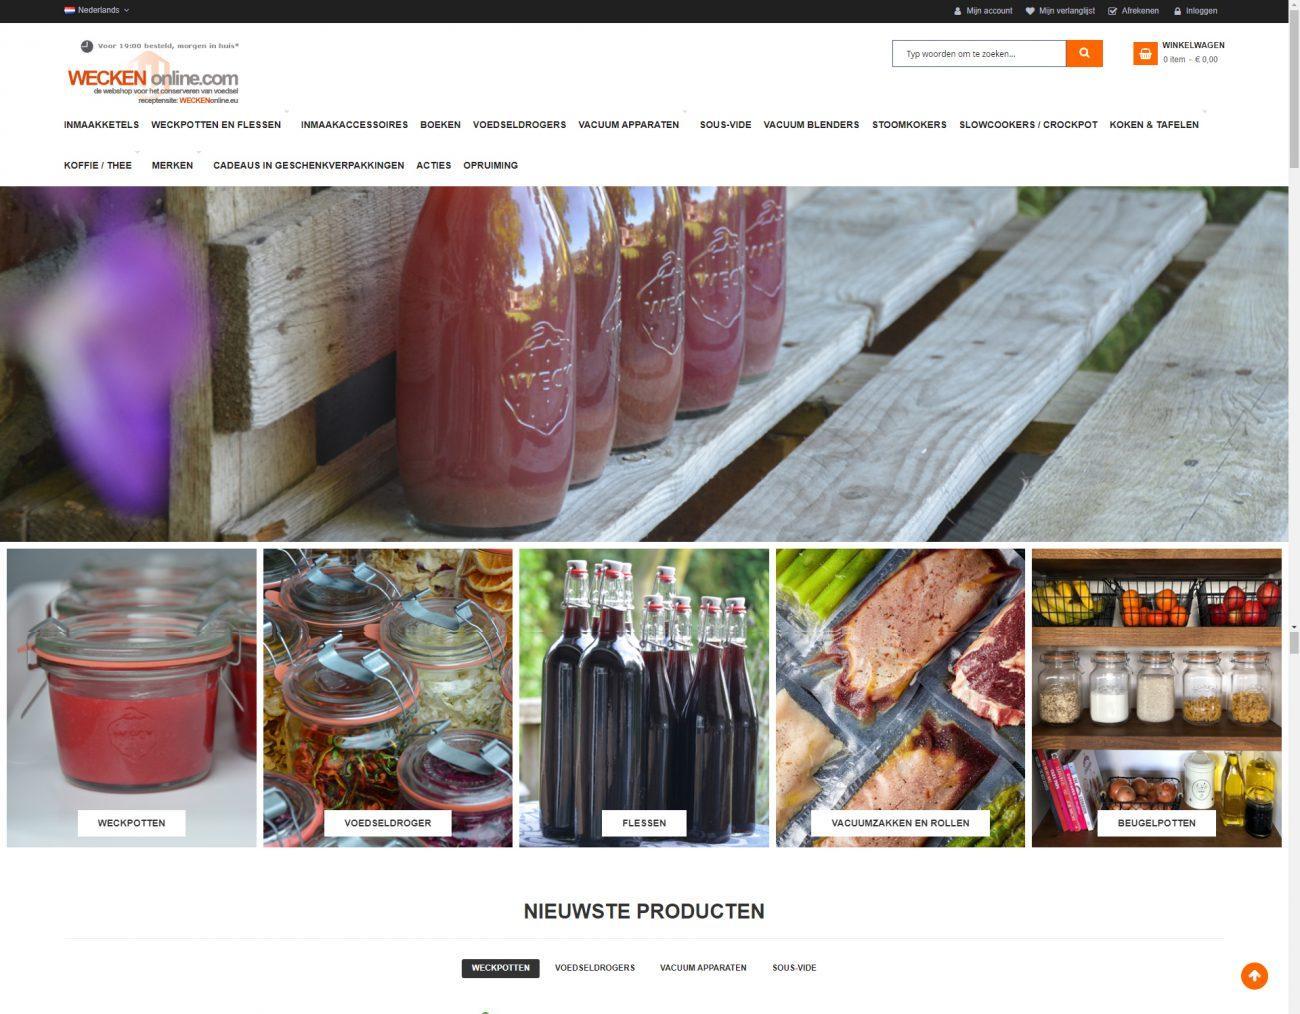 Nieuwe webshop WECKENonline